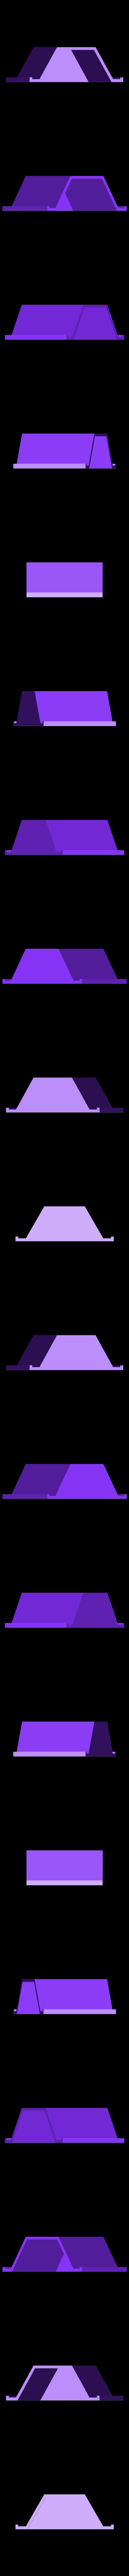 paredes.stl Télécharger fichier STL gratuit Moule à pot hexagonal • Objet à imprimer en 3D, artemisa3d